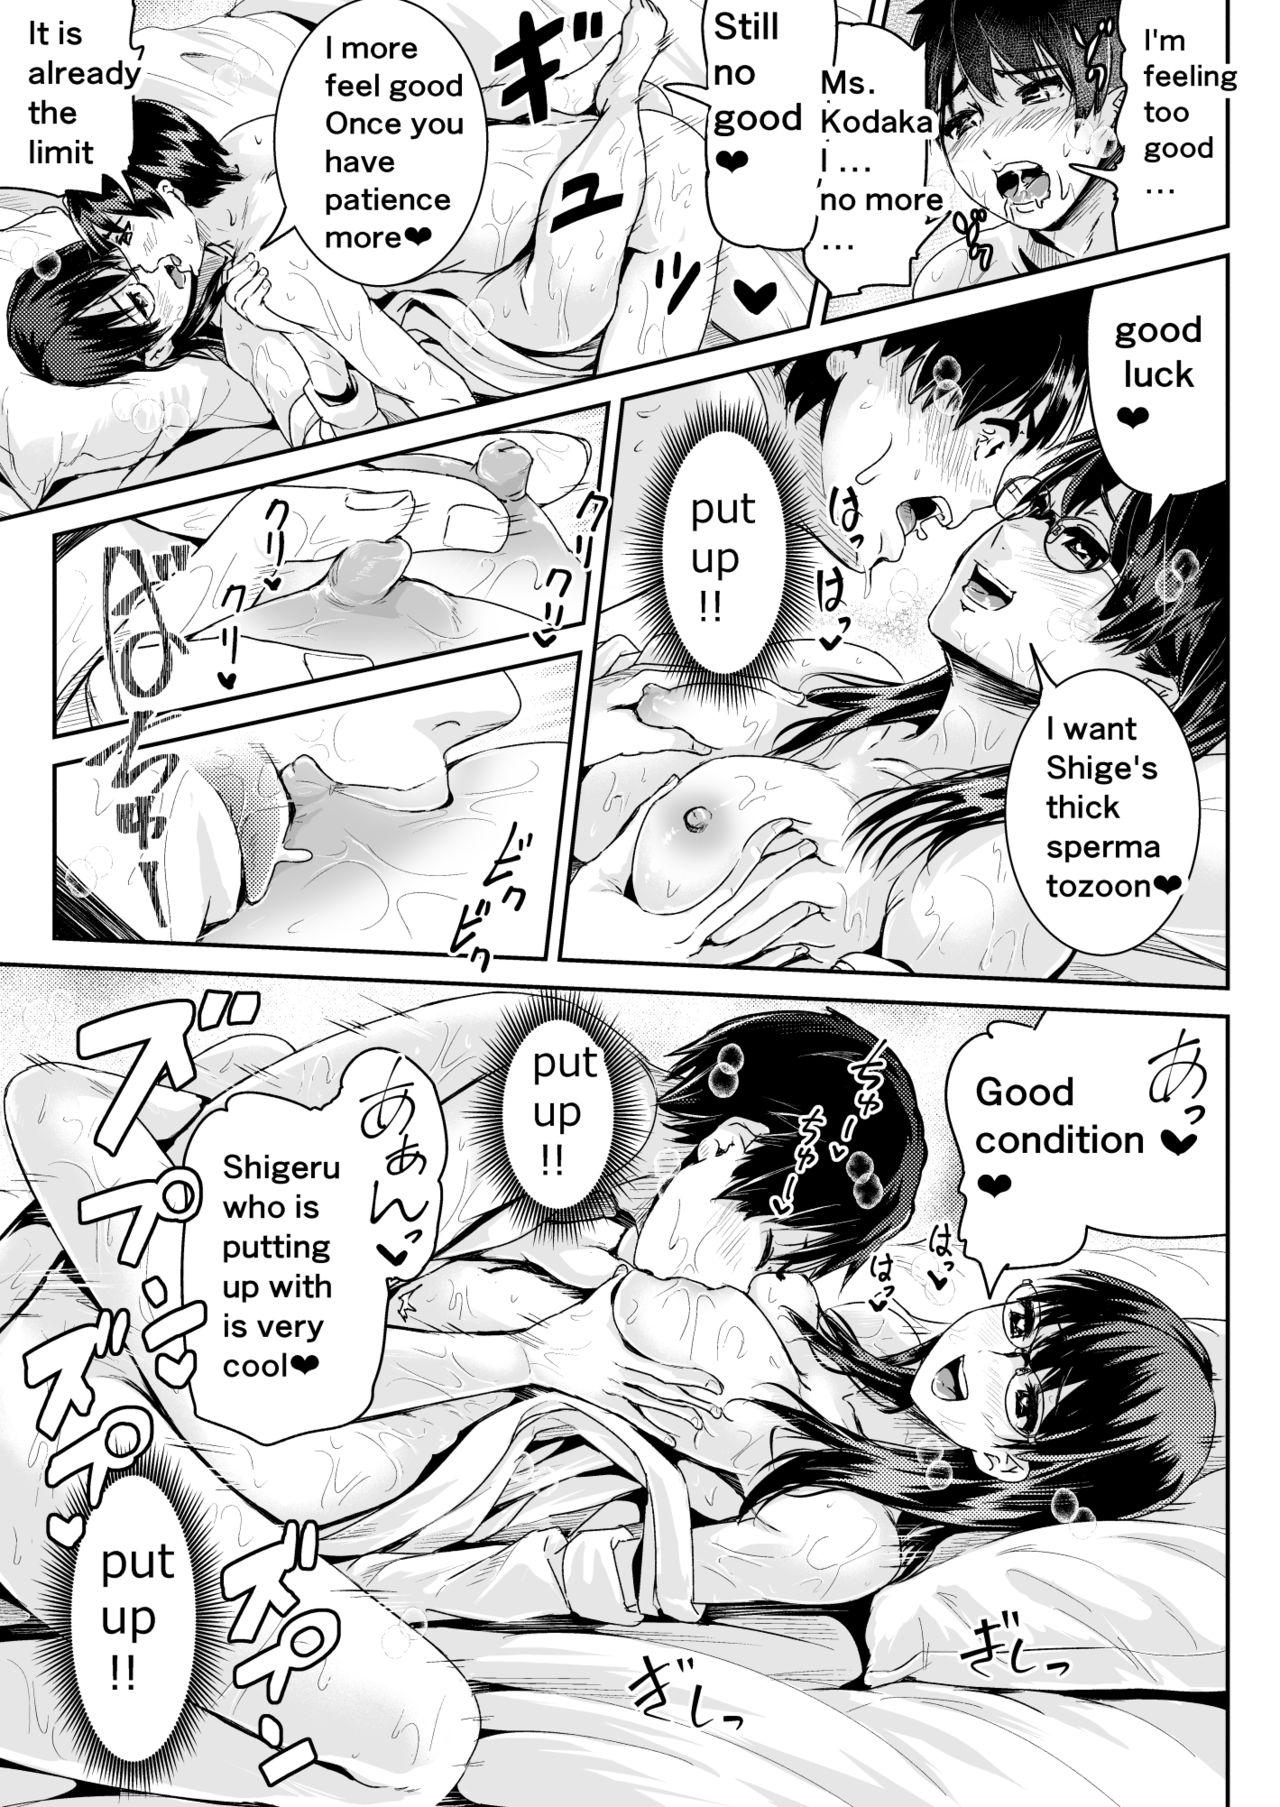 Doutei no Ore o Yuuwaku suru Ecchi na Joshi-tachi!? 5 | Girls Tempting Me, A Cherry Boy!? 5 11